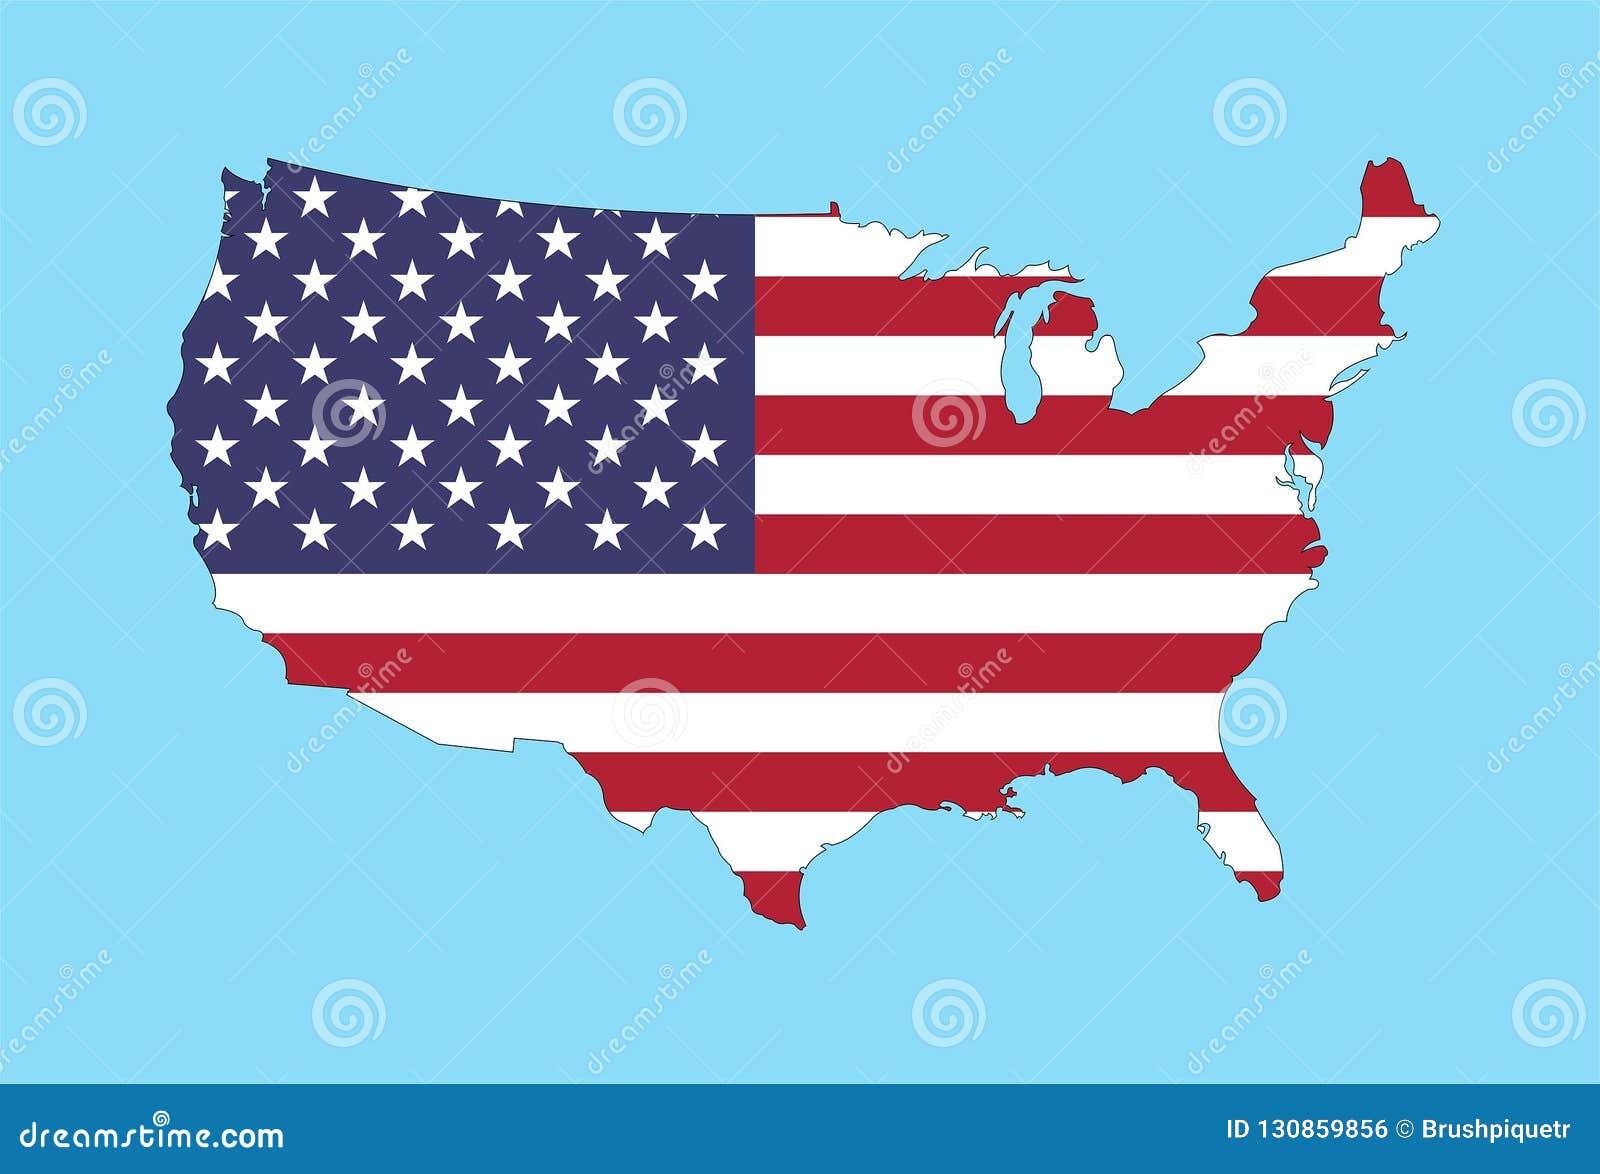 Die Vereinigten Staaten Von Amerika Zeichnen Mit Usa Flagge Auf